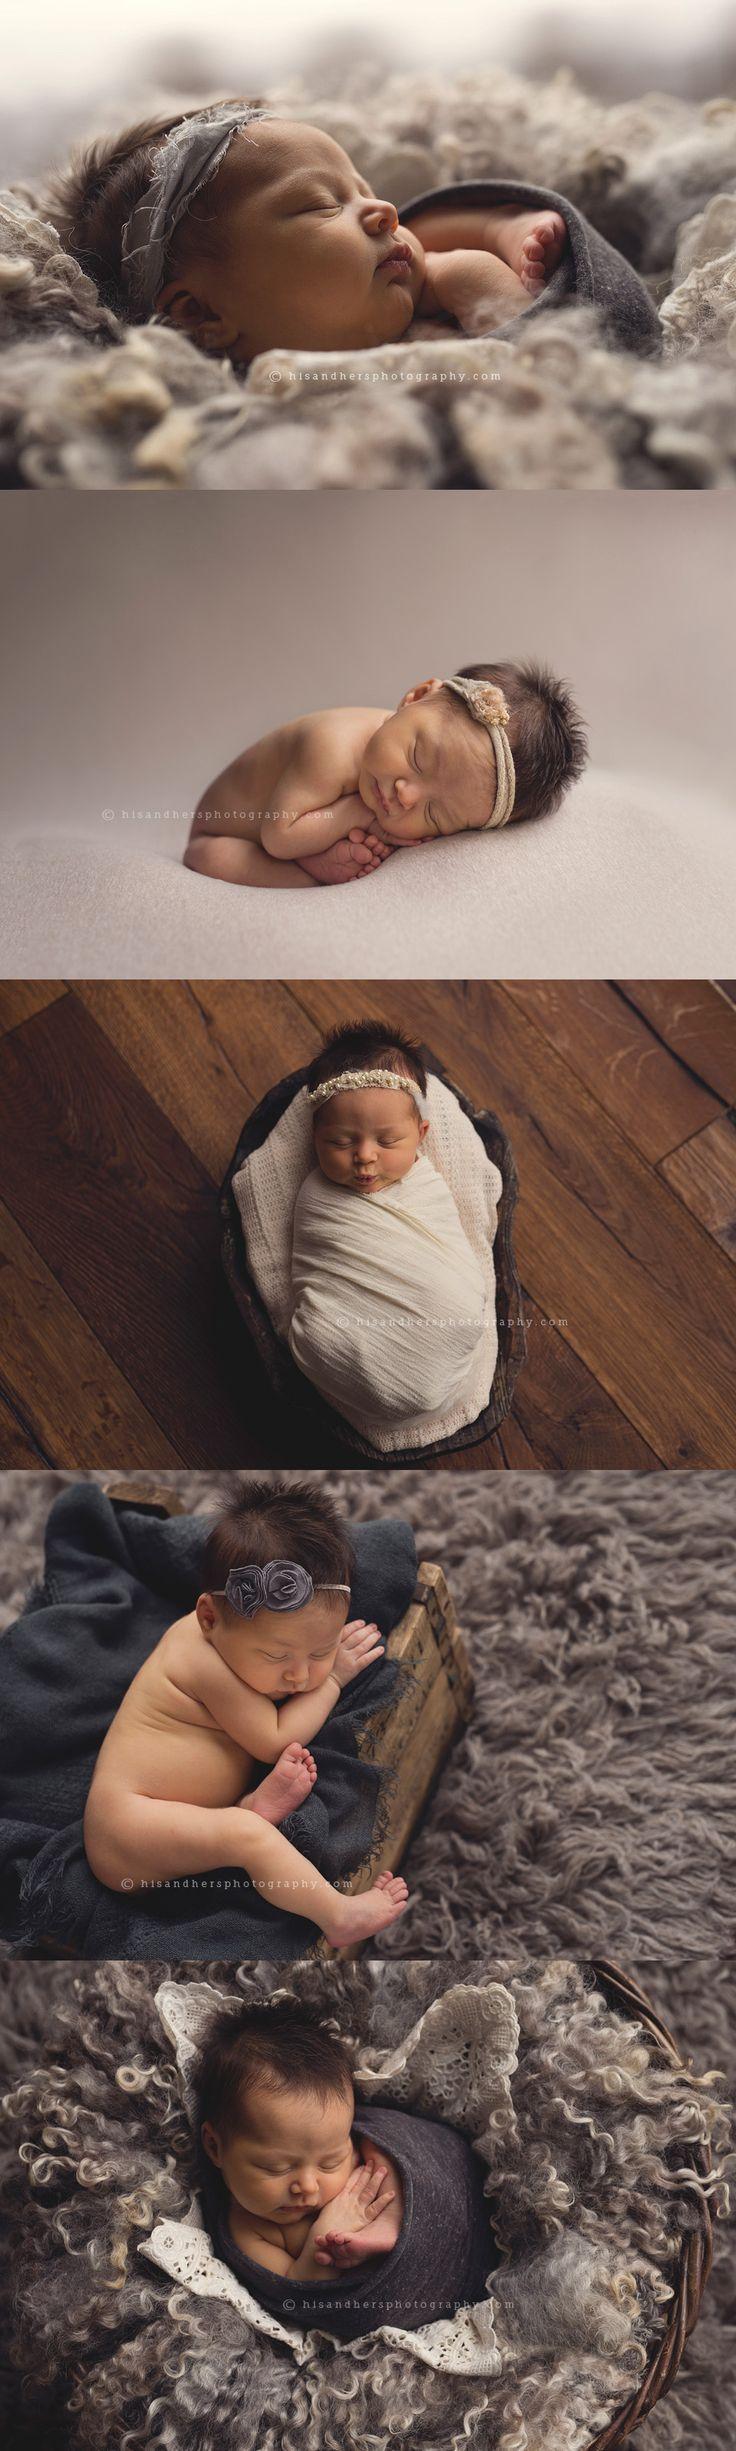 Newborn photography | Des Moines, Iowa photographer, Darcy Milder | Presley